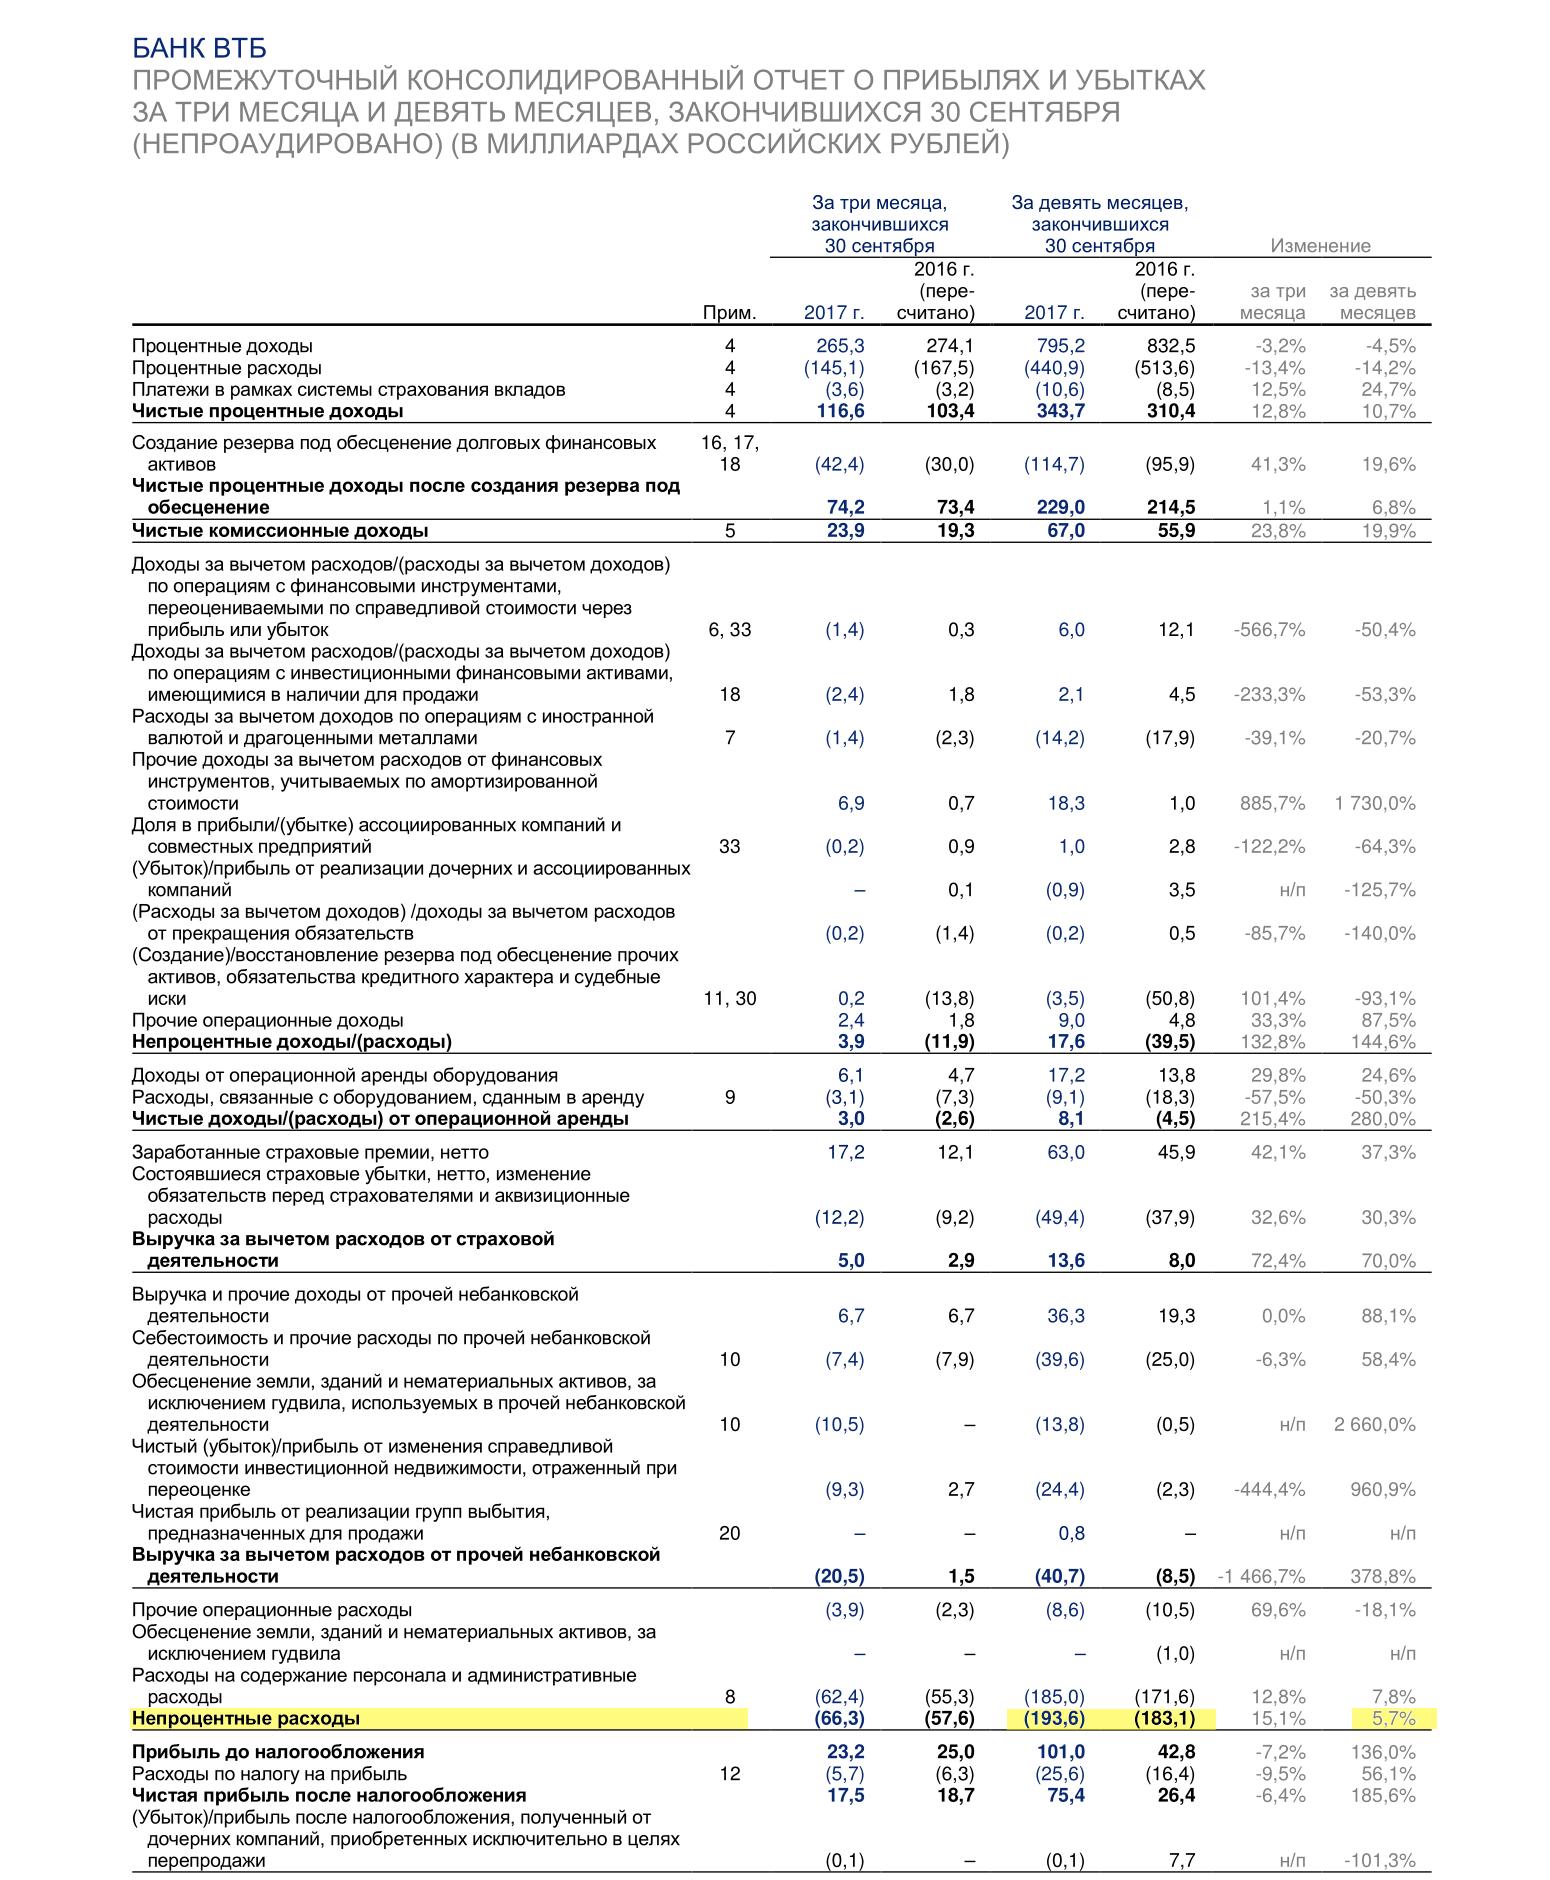 Страница 5 отчета ВТБ по МСФО